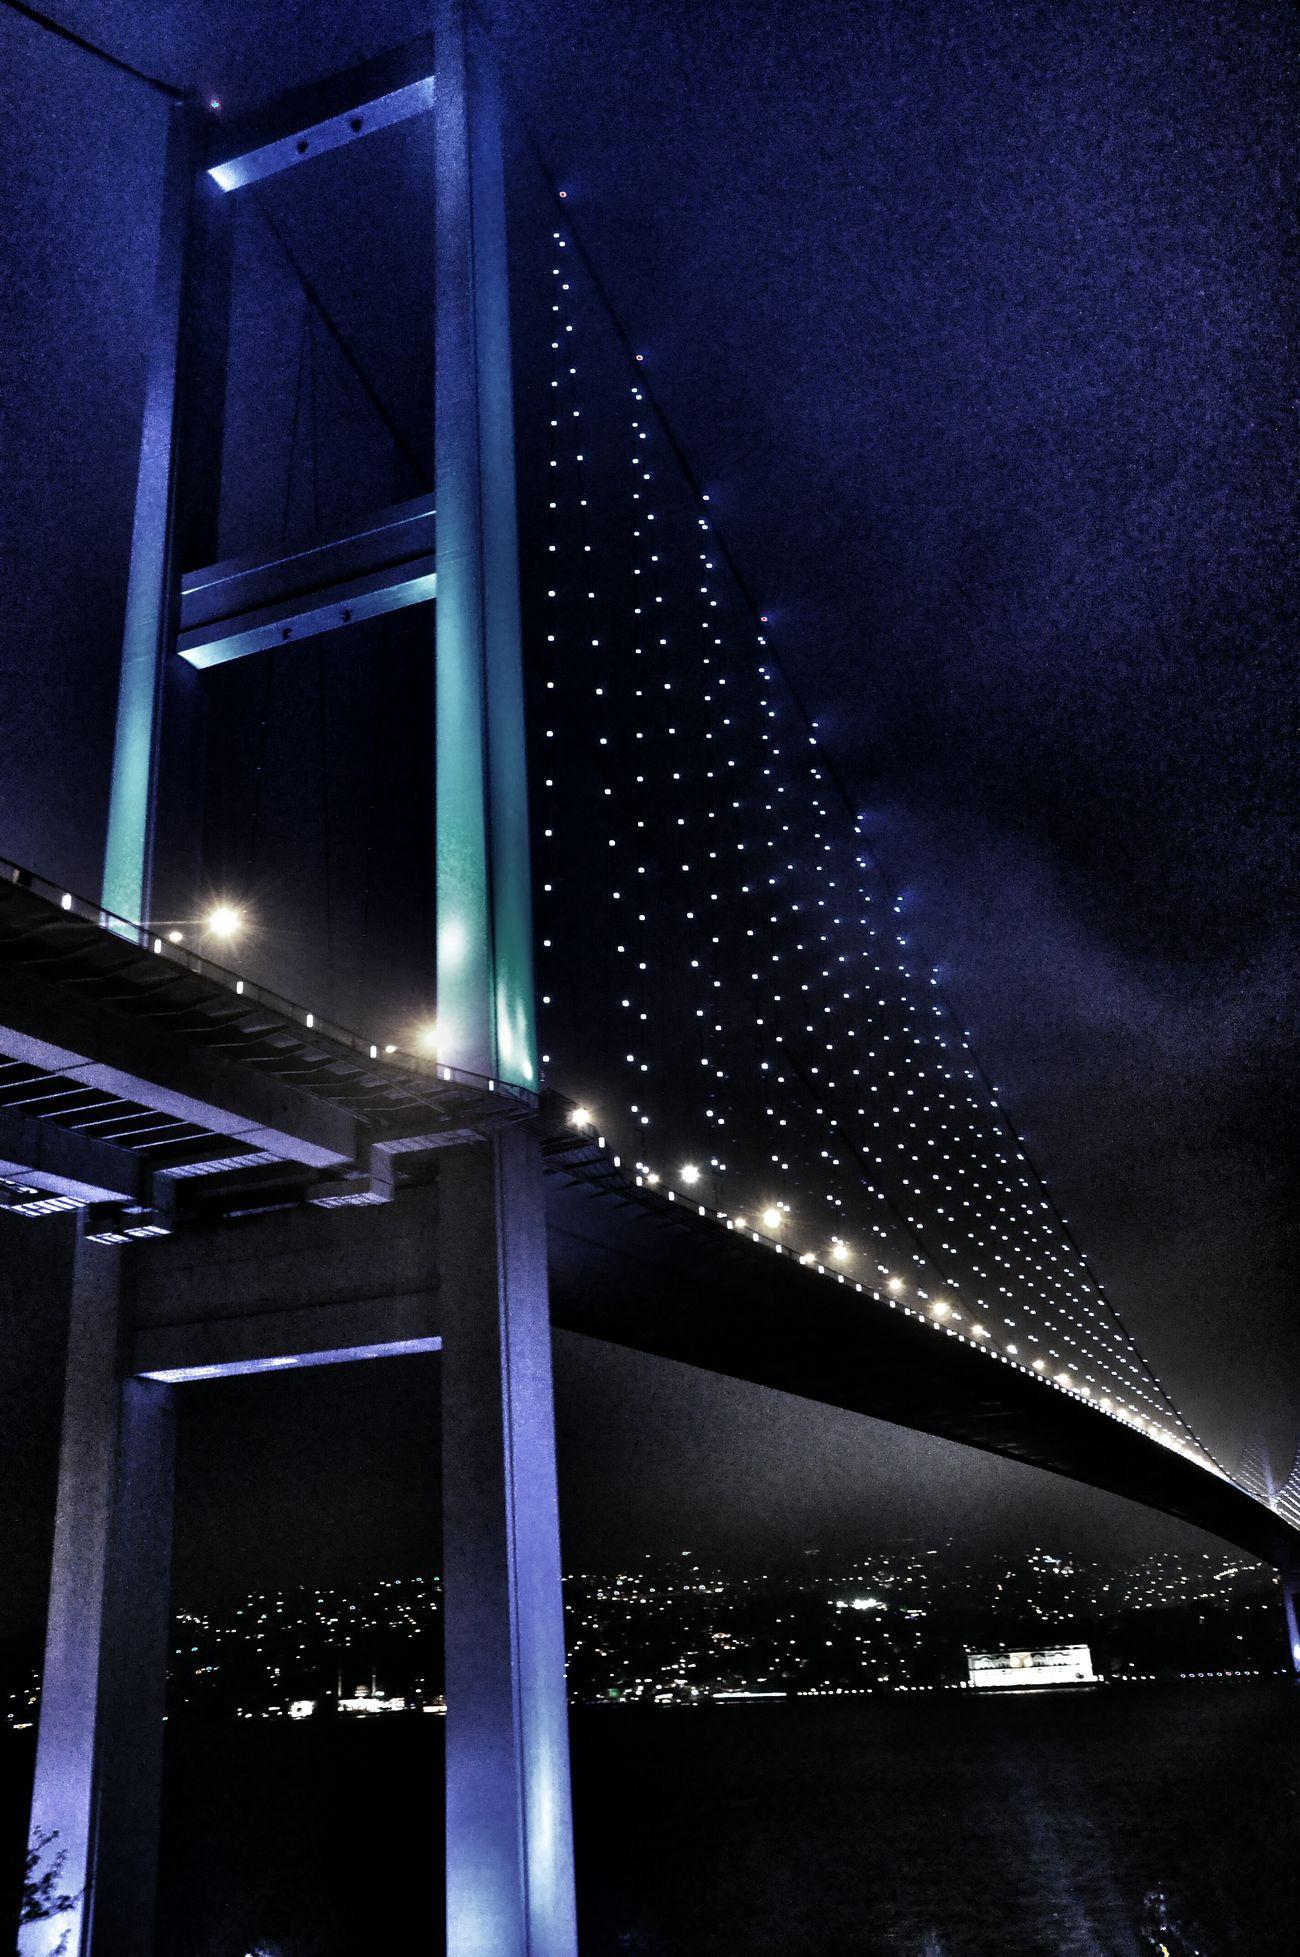 ıstanbul, Turkey Bogazici Koprusu Gece Helloword #photography